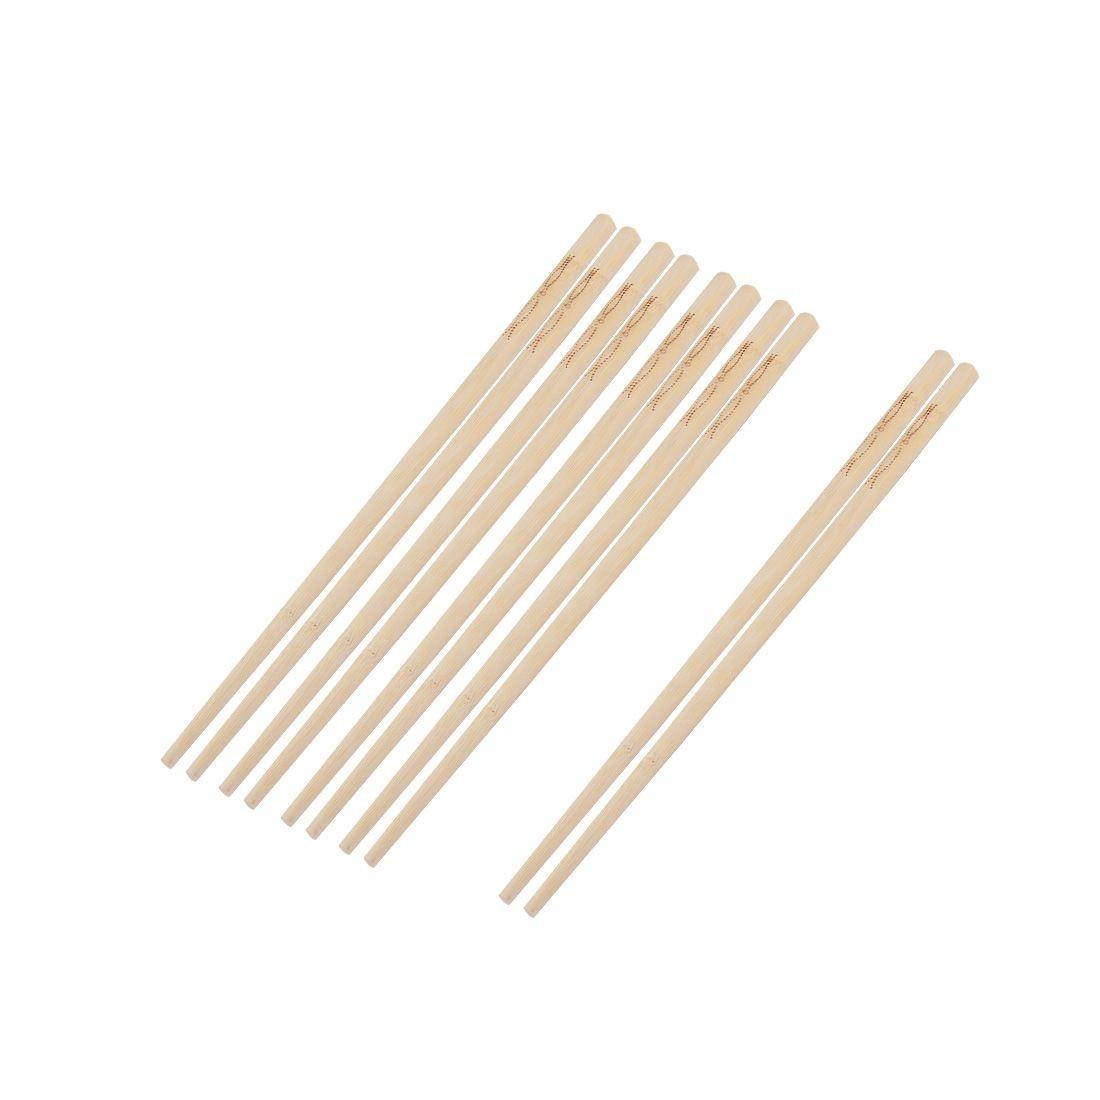 Bamboo Chopstick Flatware Disposable Cheap Price - Wholesale disposable chopstick / portable spoon fork chopstick